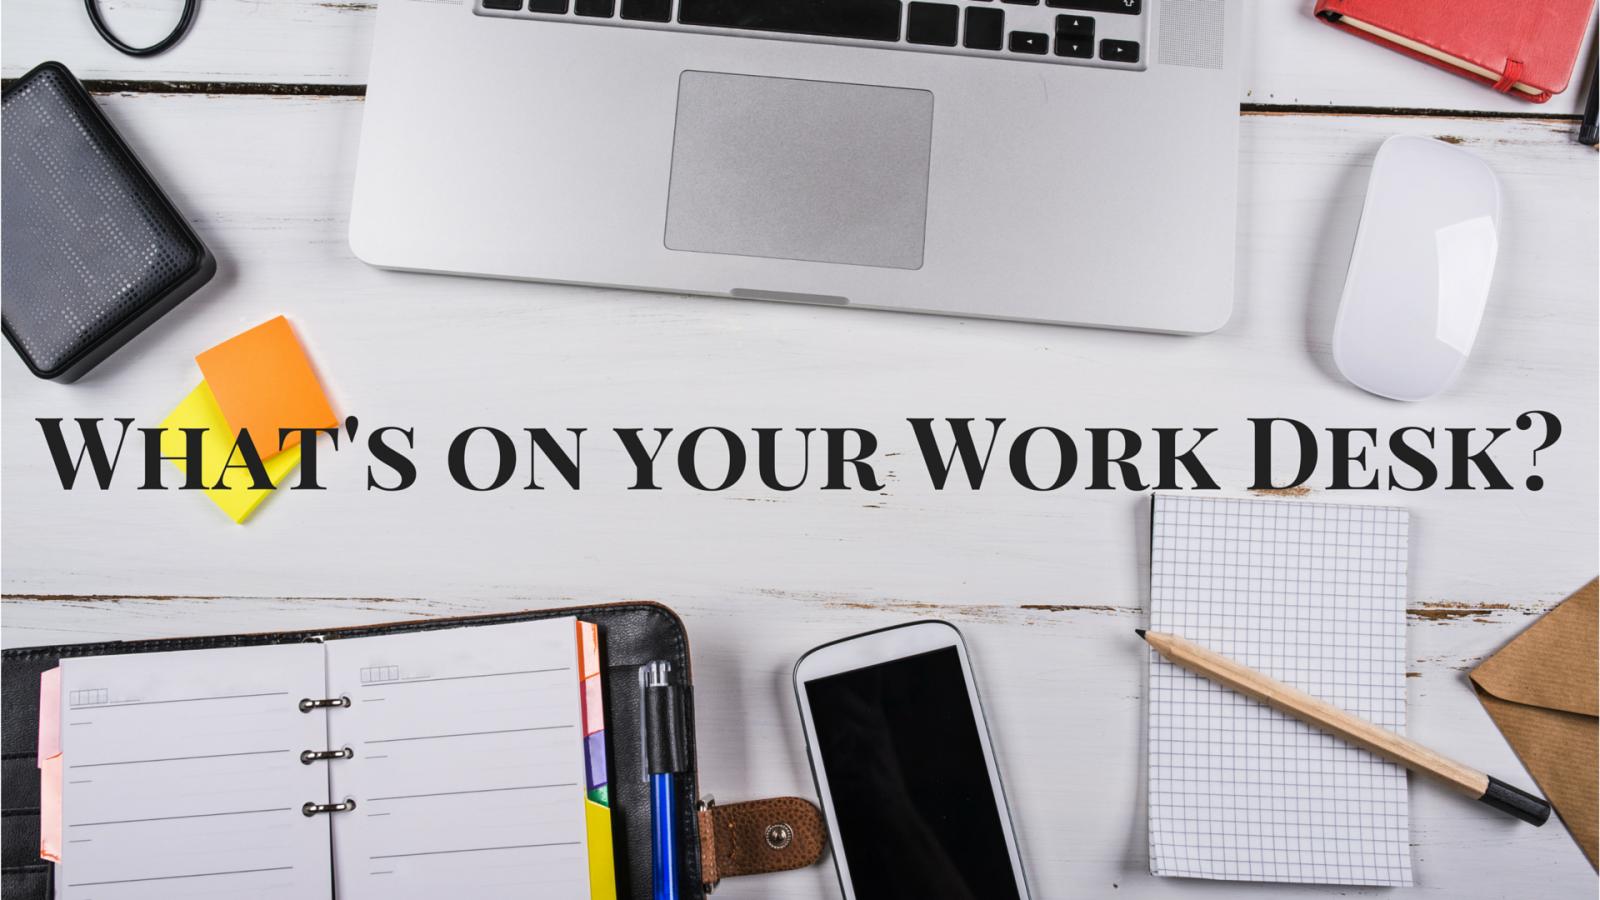 Top 10 Items your Work Desk needs